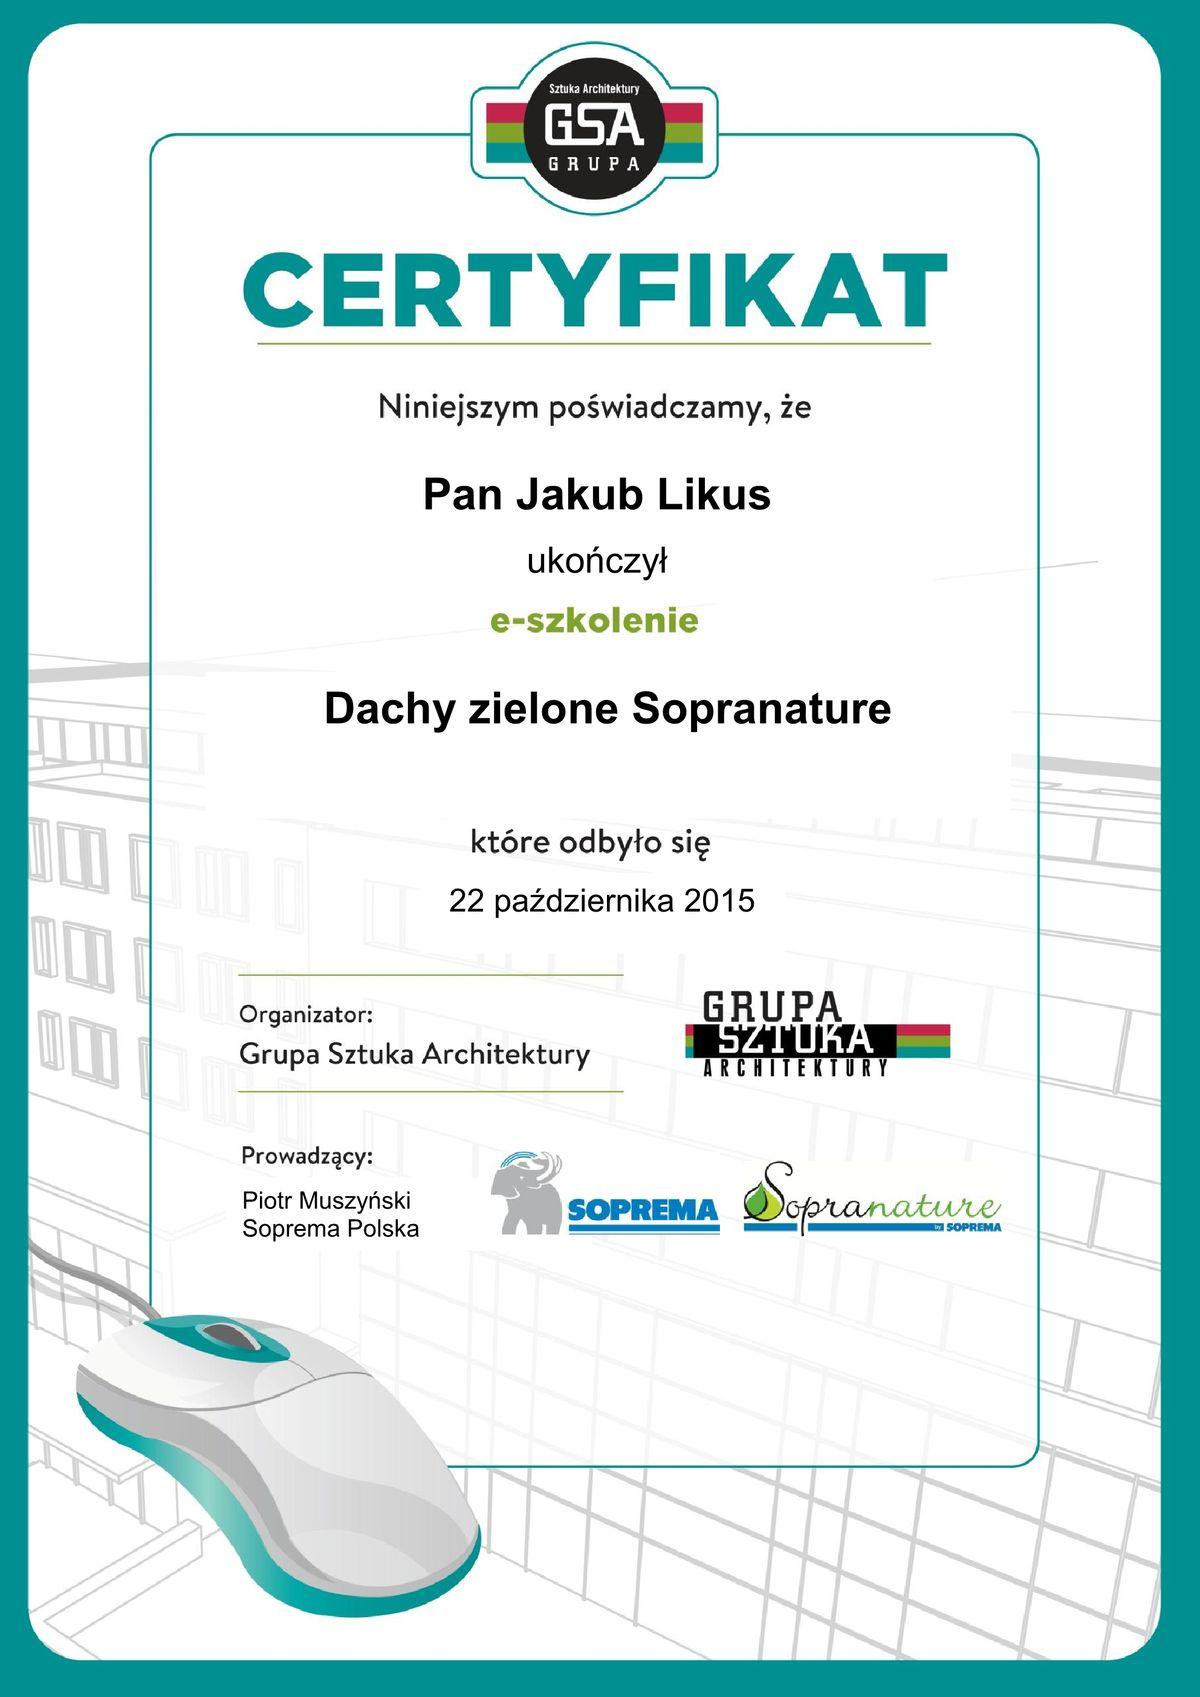 2015-10-22_certyfikat-soprema-dachy-zielone